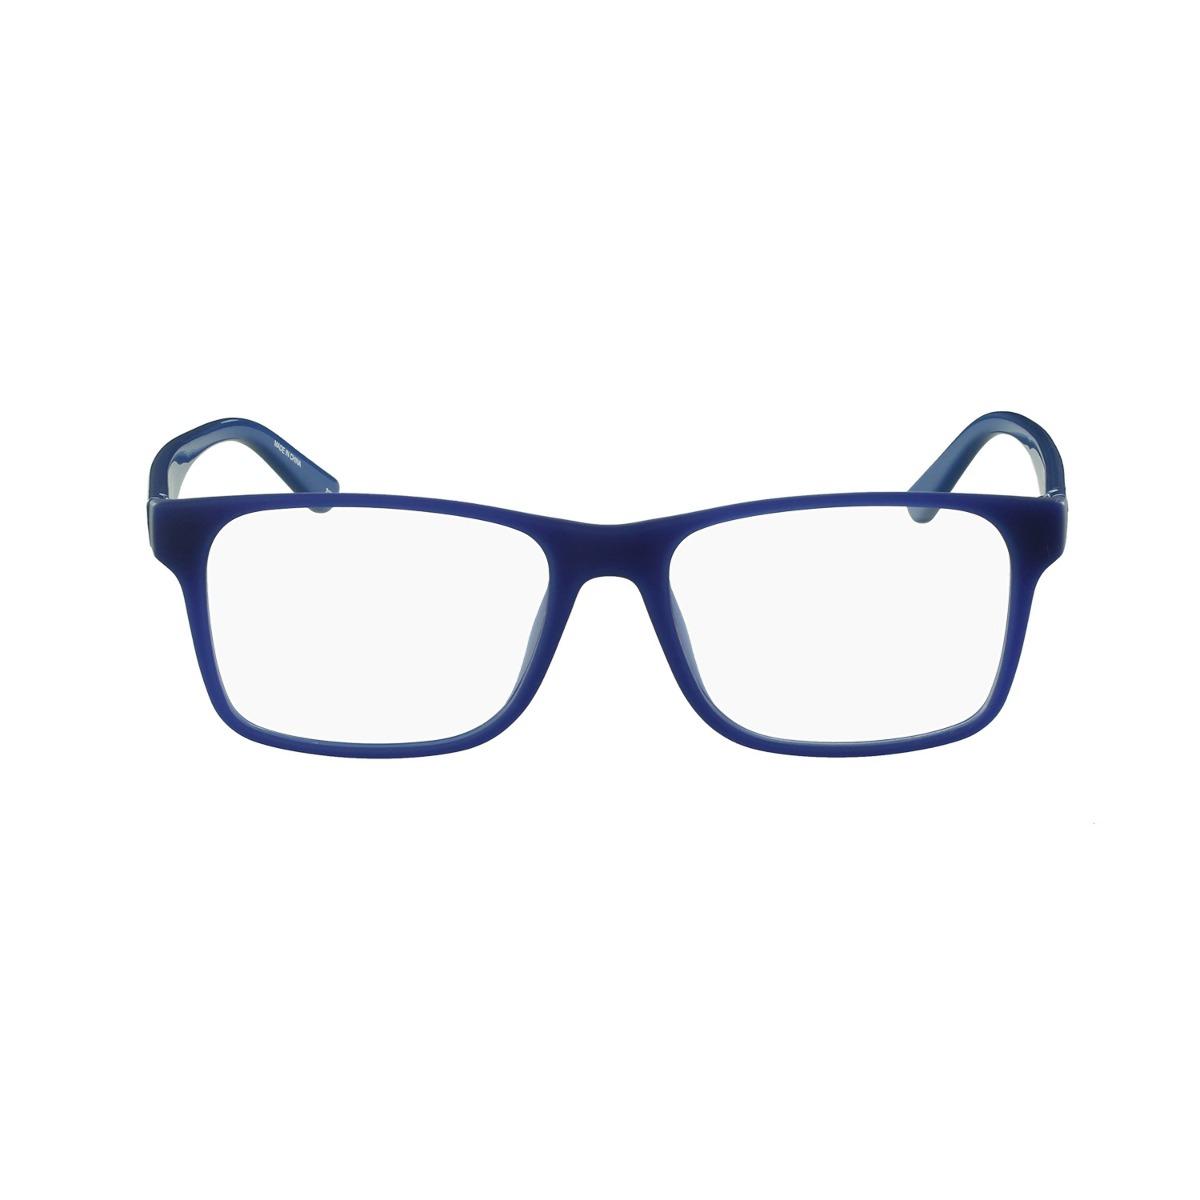 2af1332cc341c Óculos De Grau Lacoste Casual Azul - R  485